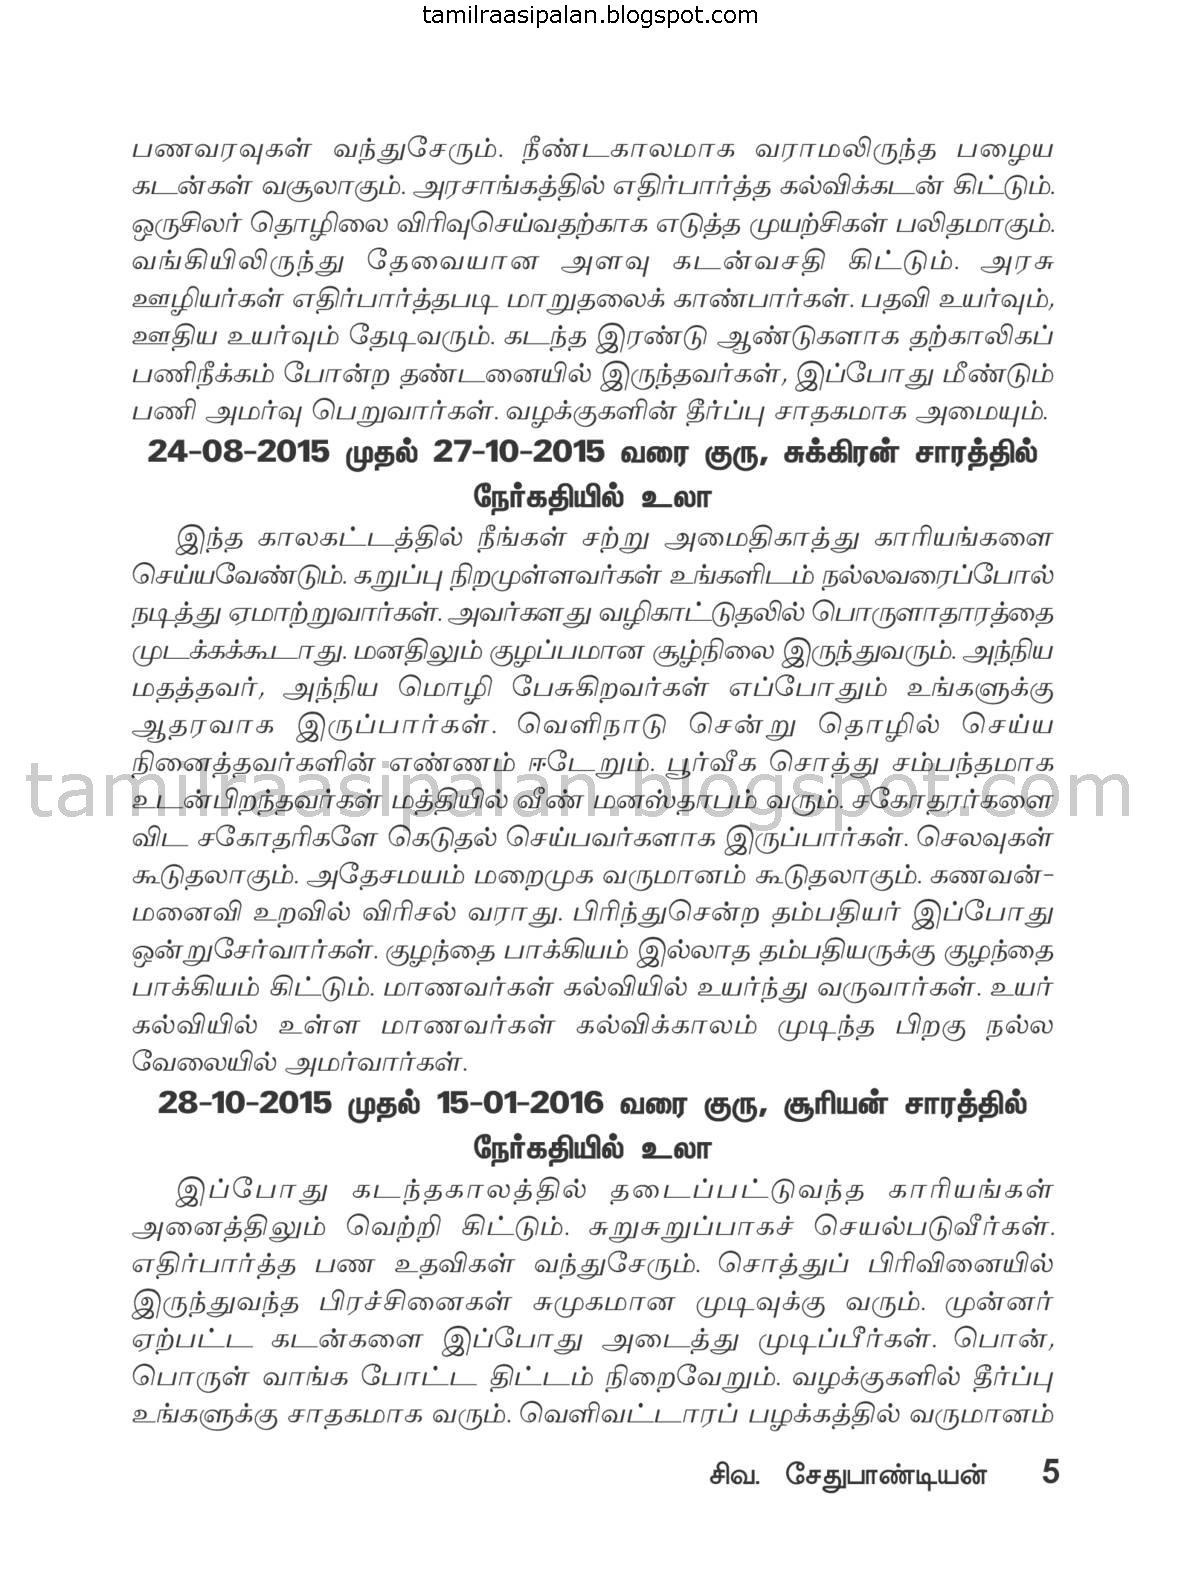 Simham-Guru Peyarchi Palan-2015-2016 Free Online